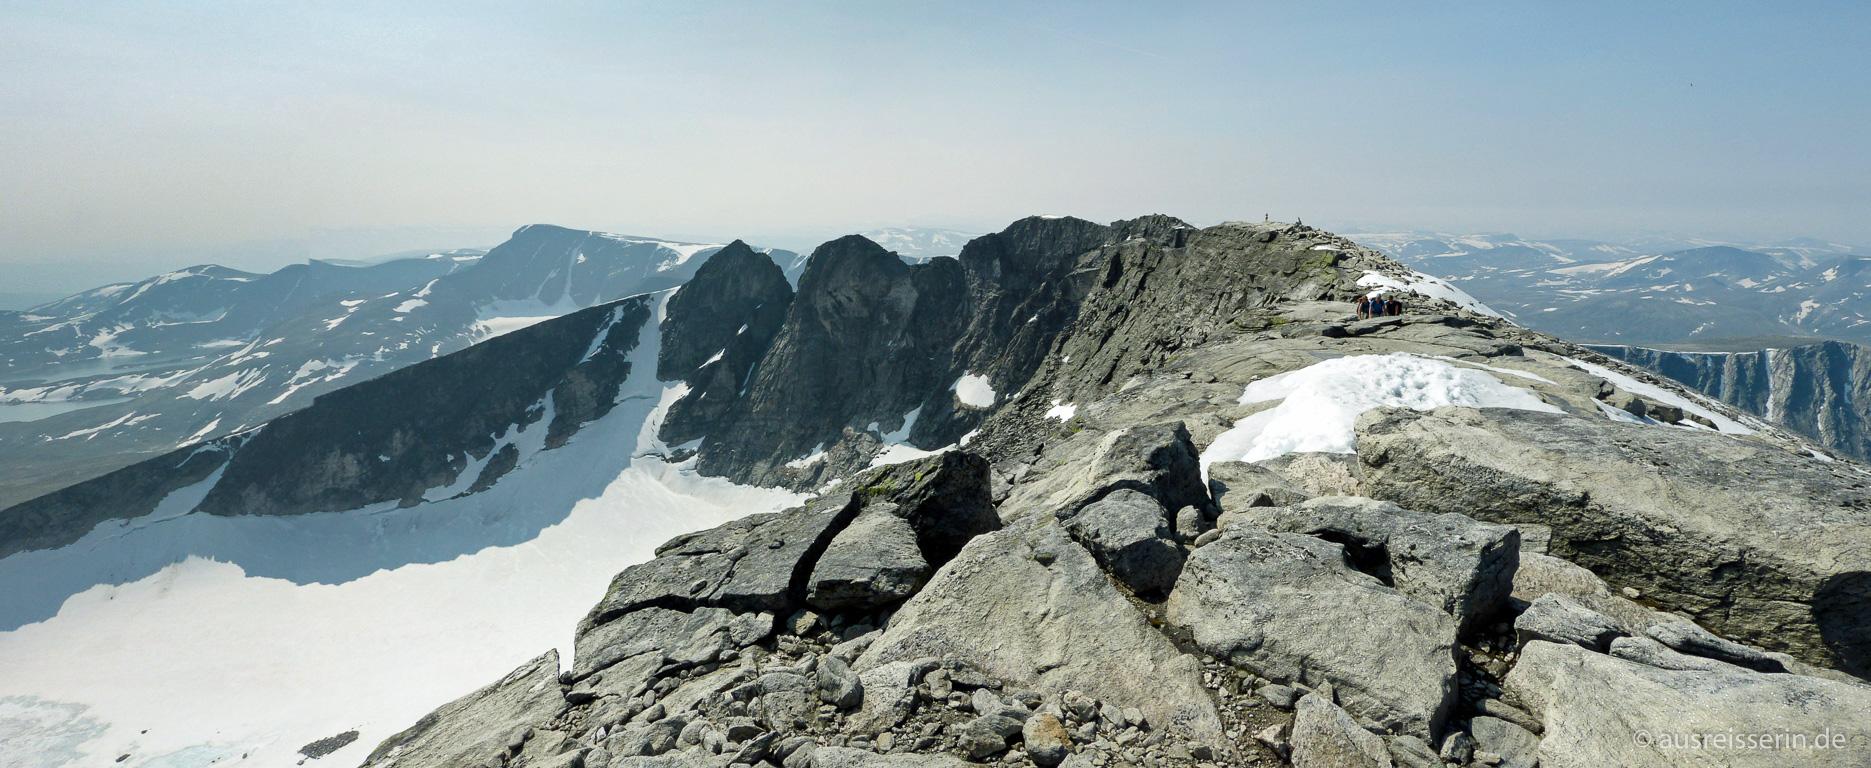 Die Gipfel der Snøhetta